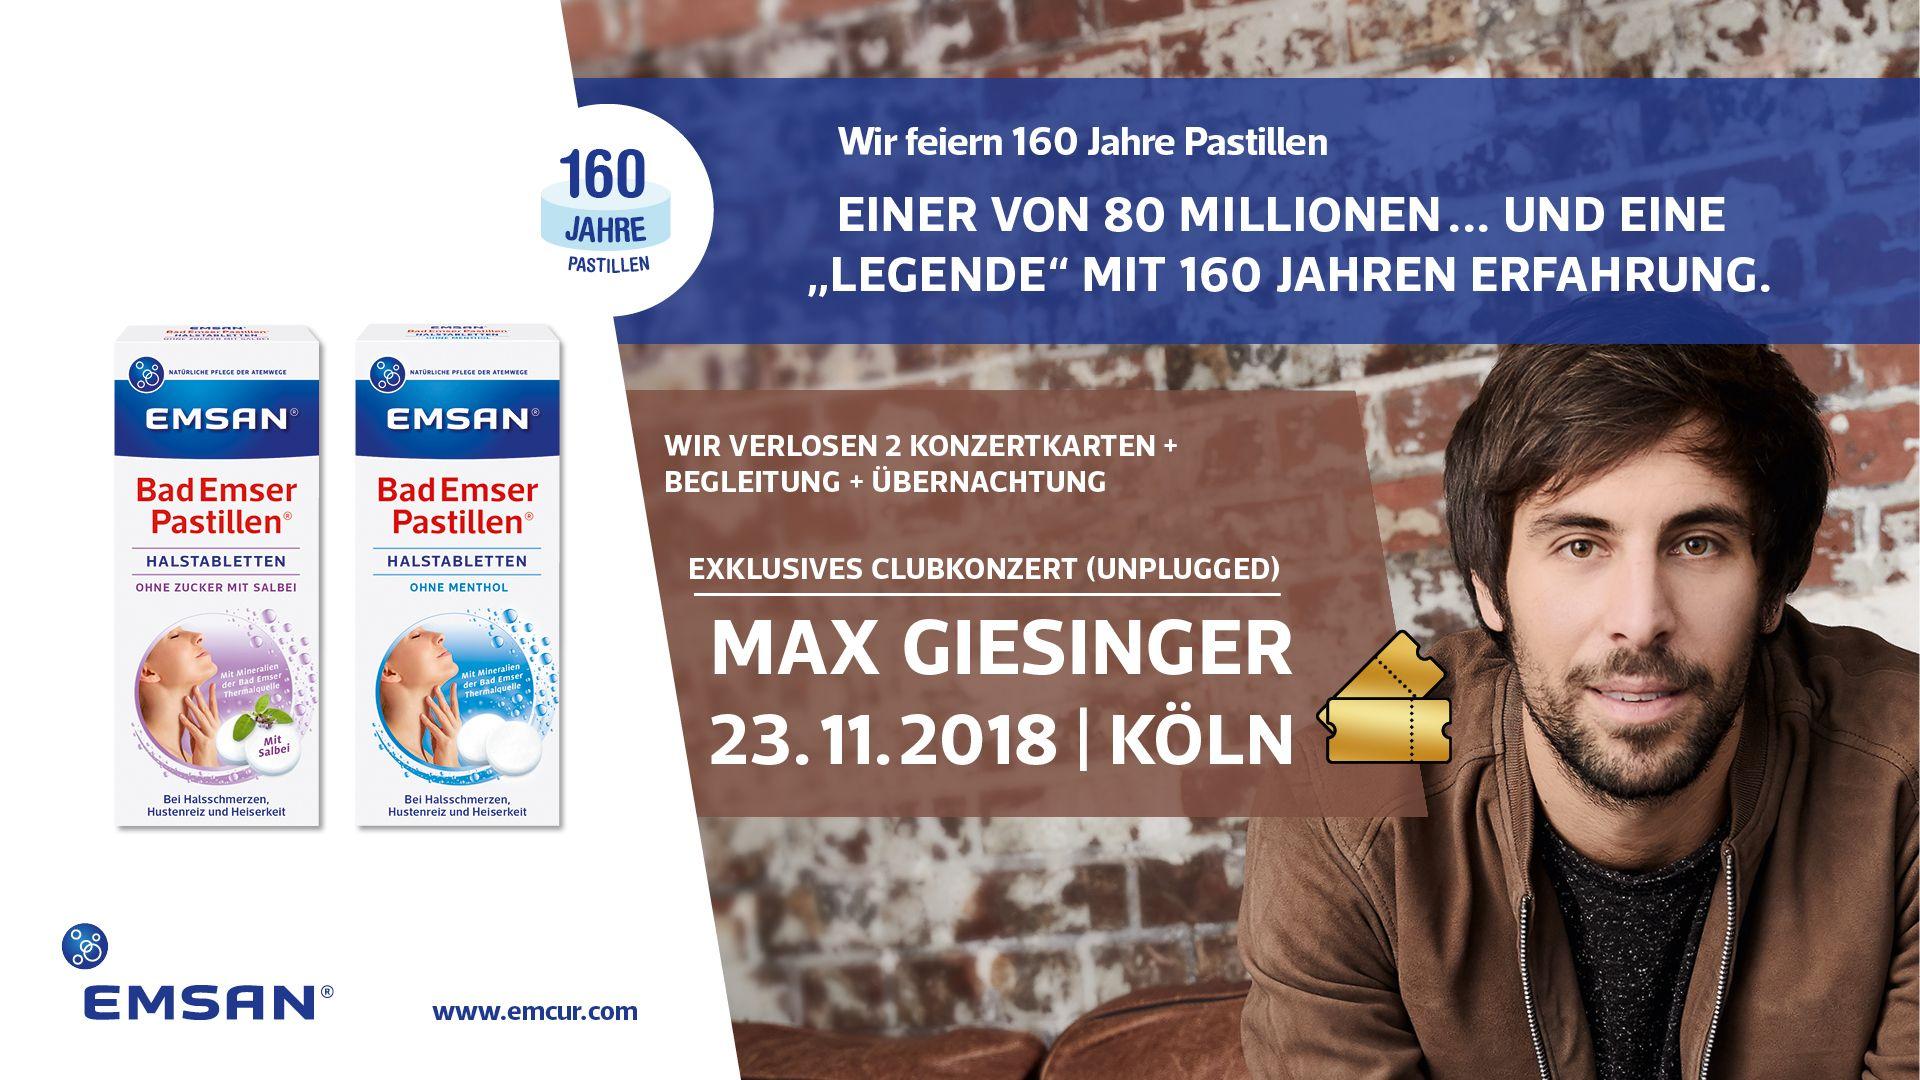 Tegut Gewinnspiel EMSAN Max Giesinger